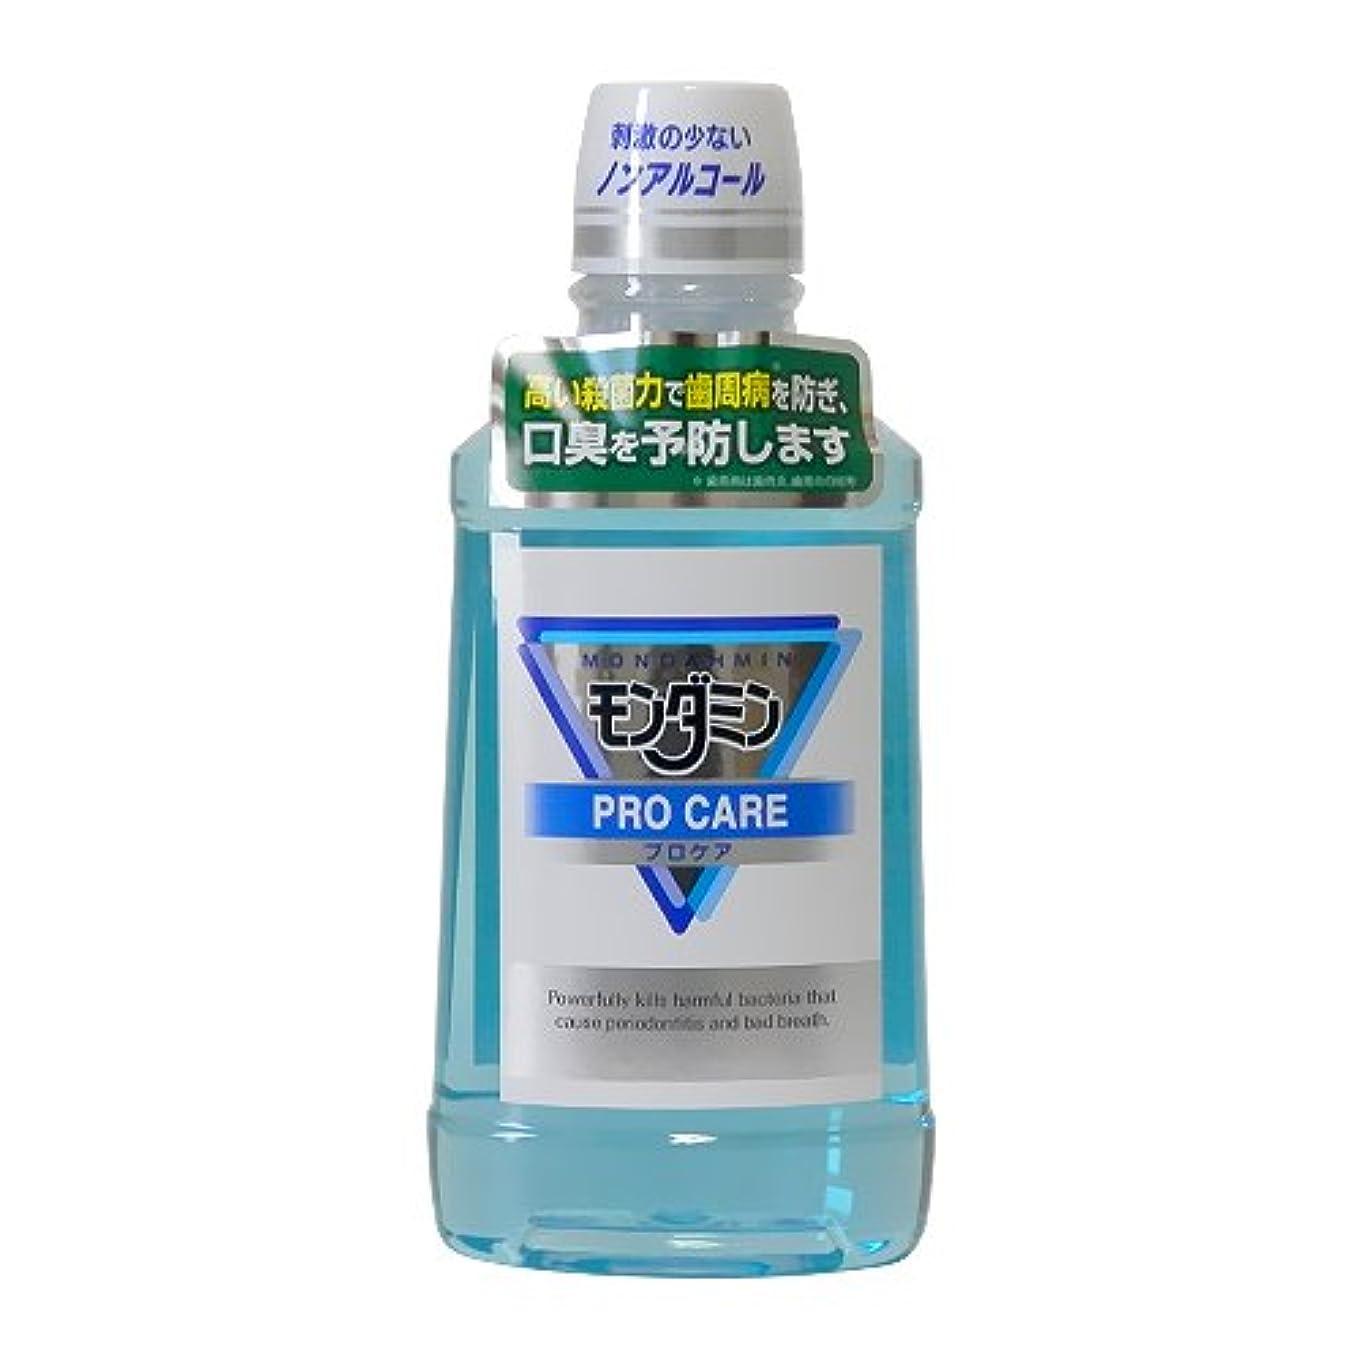 ポップ鏡ディプロマアース製薬 モンダミン プロケア 600ml 歯科医院専売